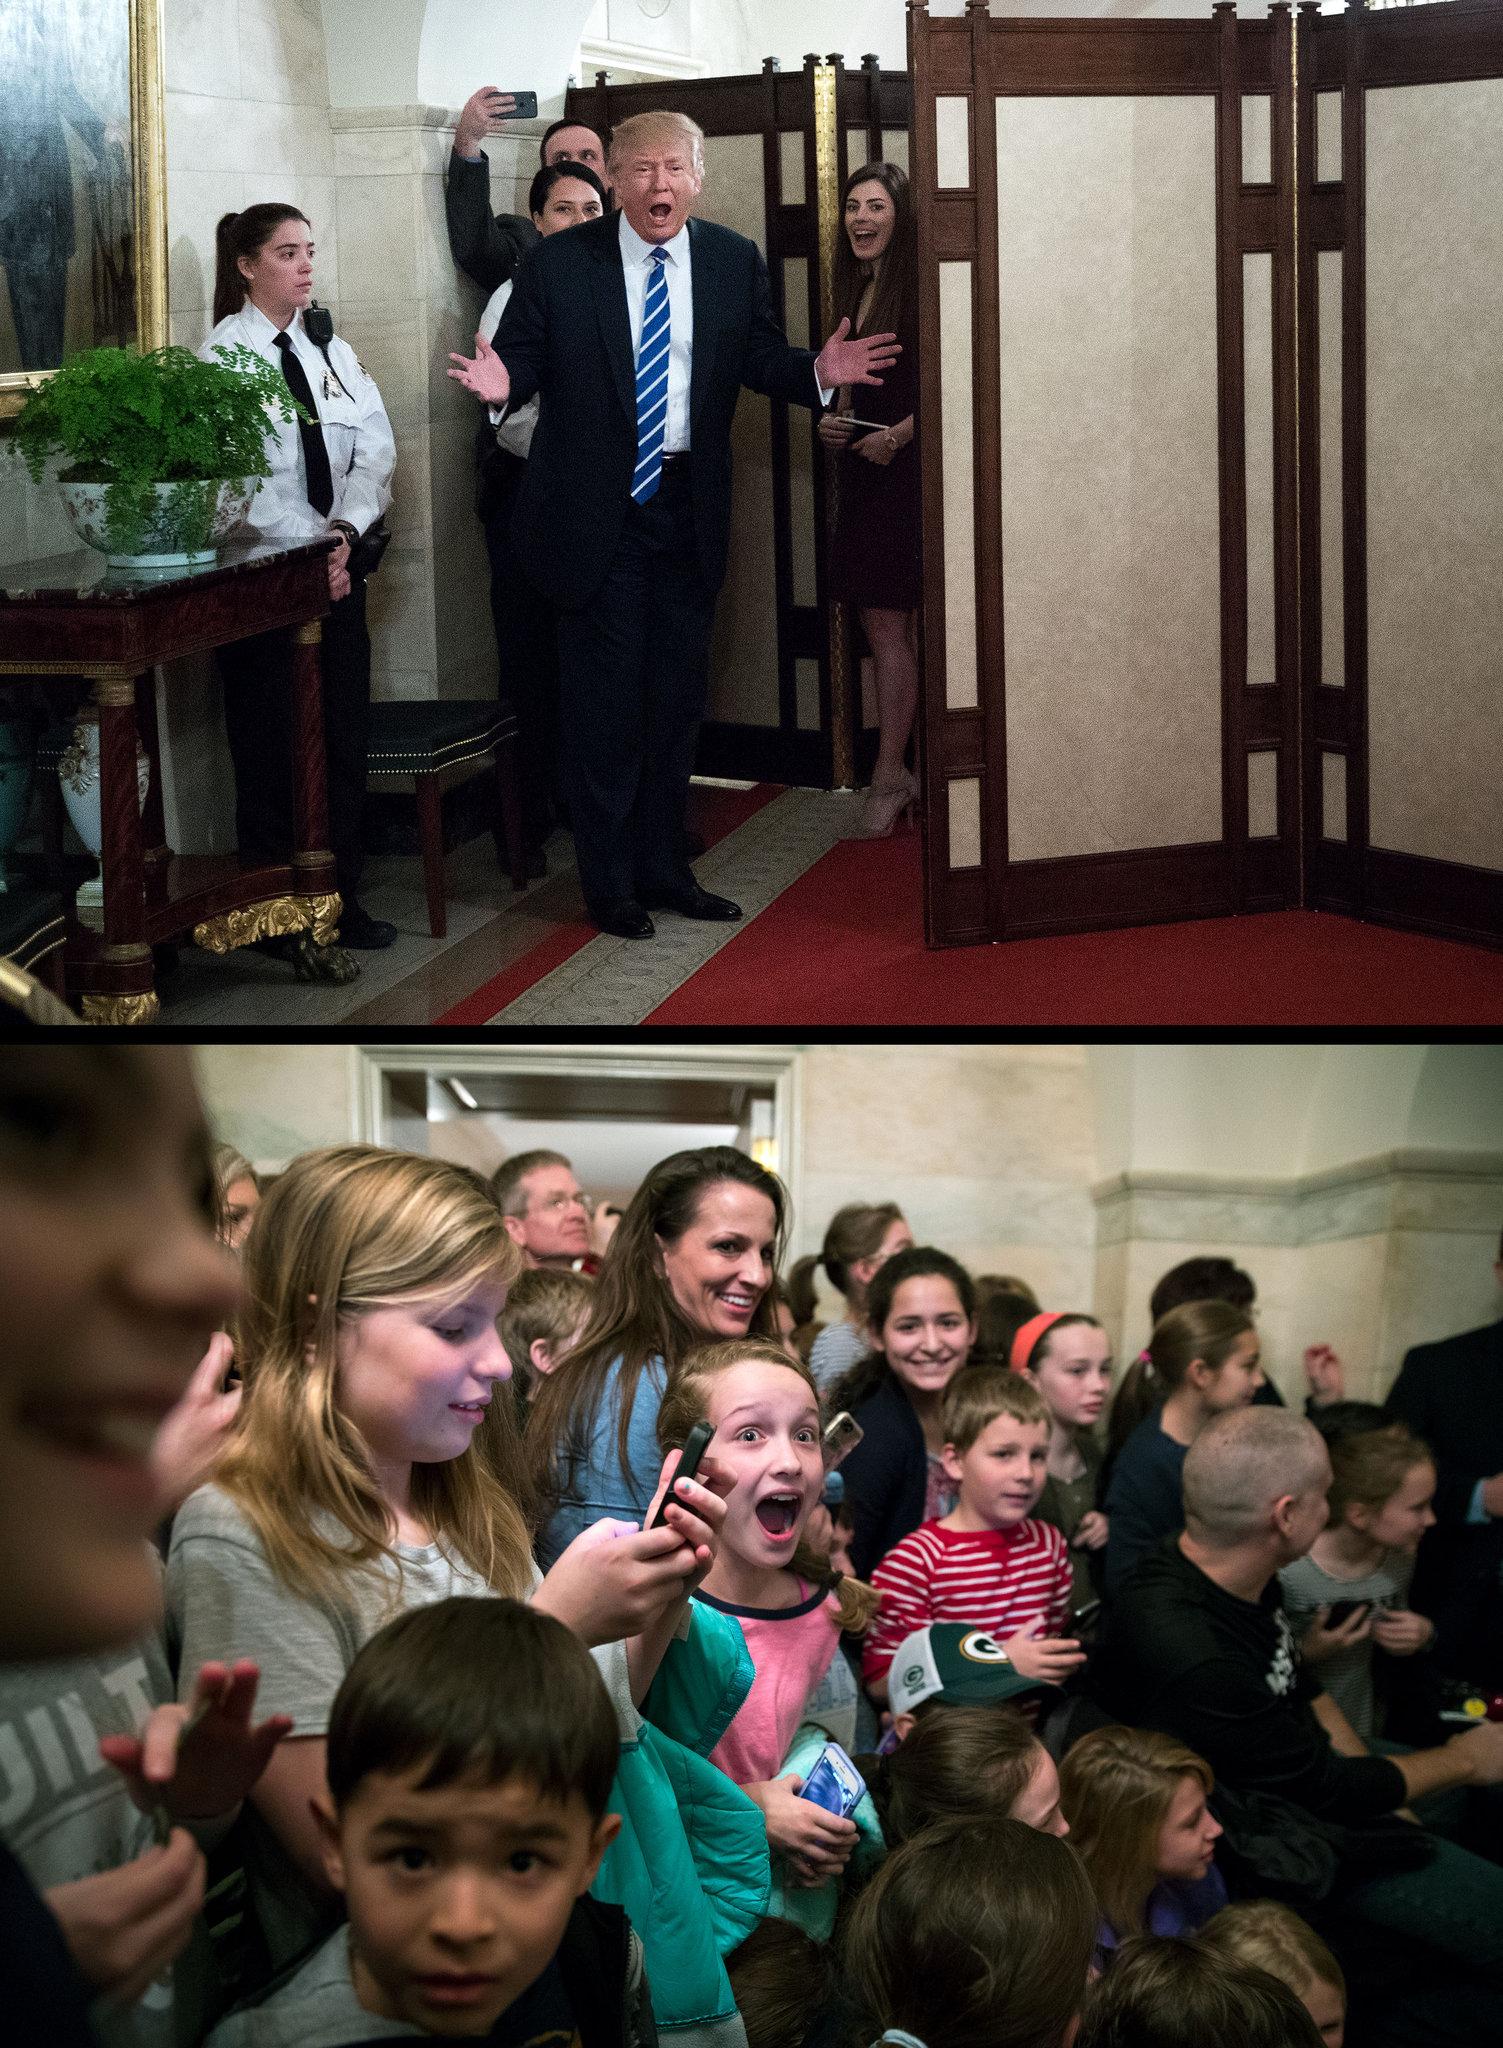 Сюрприз от президента. Фото: nytimes.com